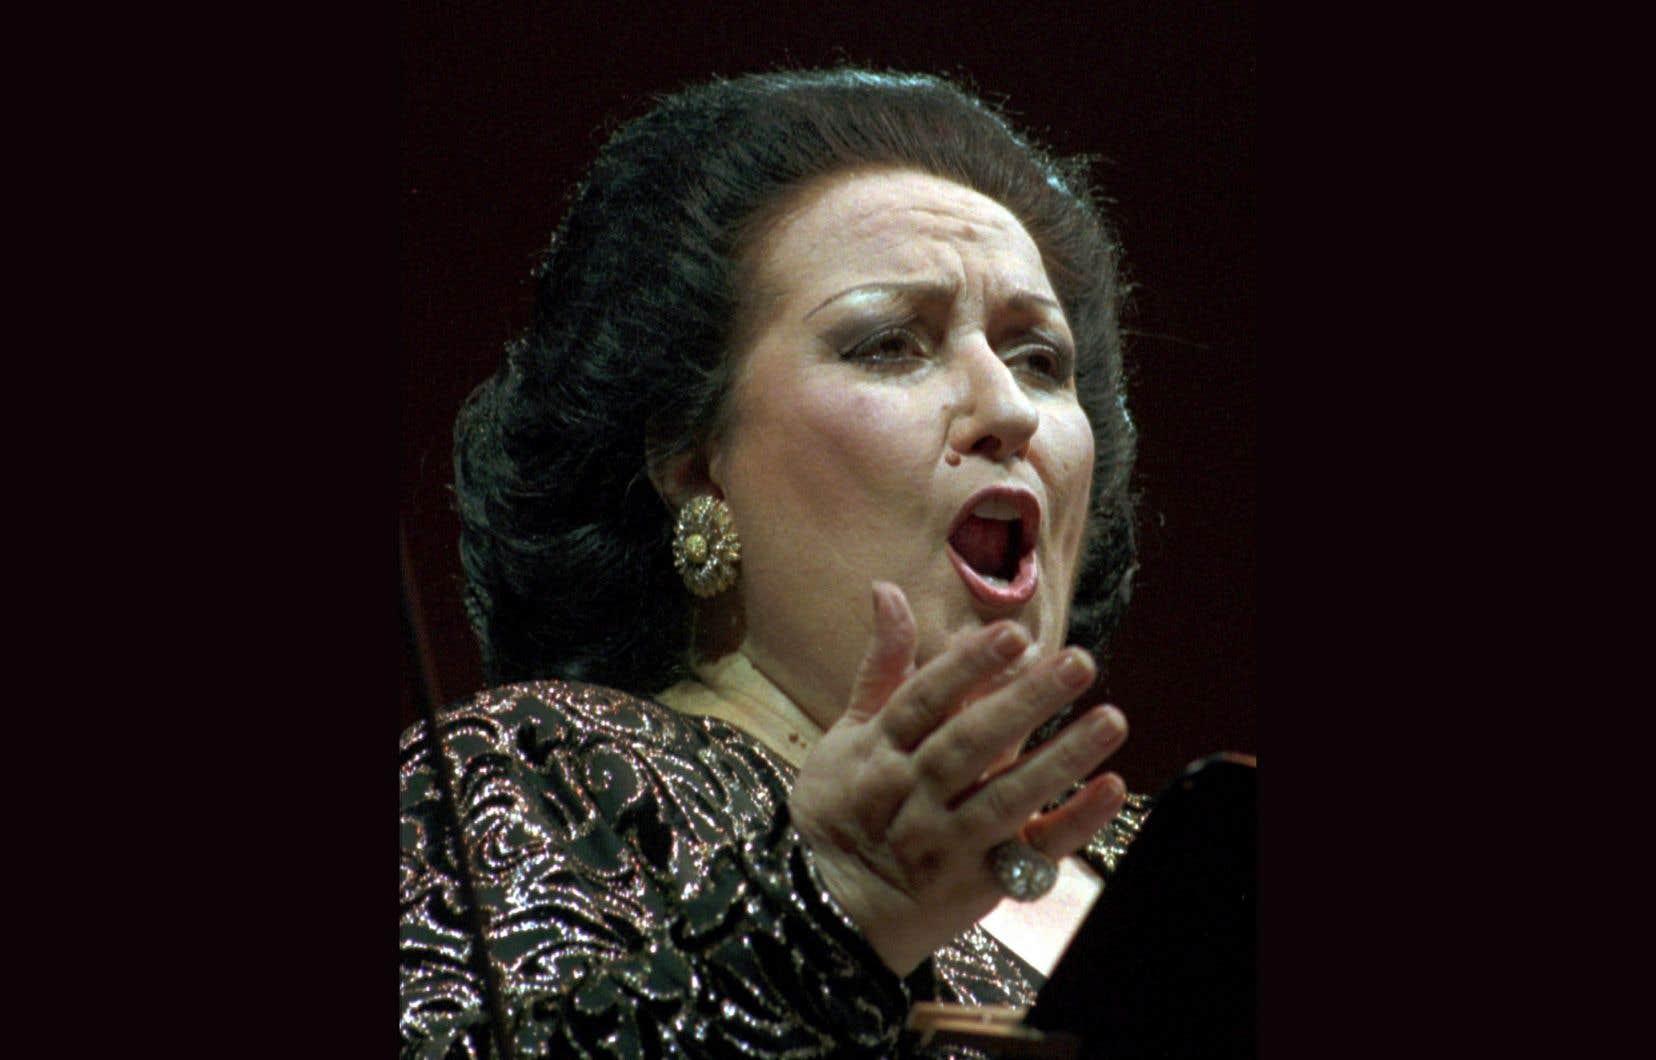 Montserrat Caballé lors d'un concert à Dresde, en Allemagne, en 1996